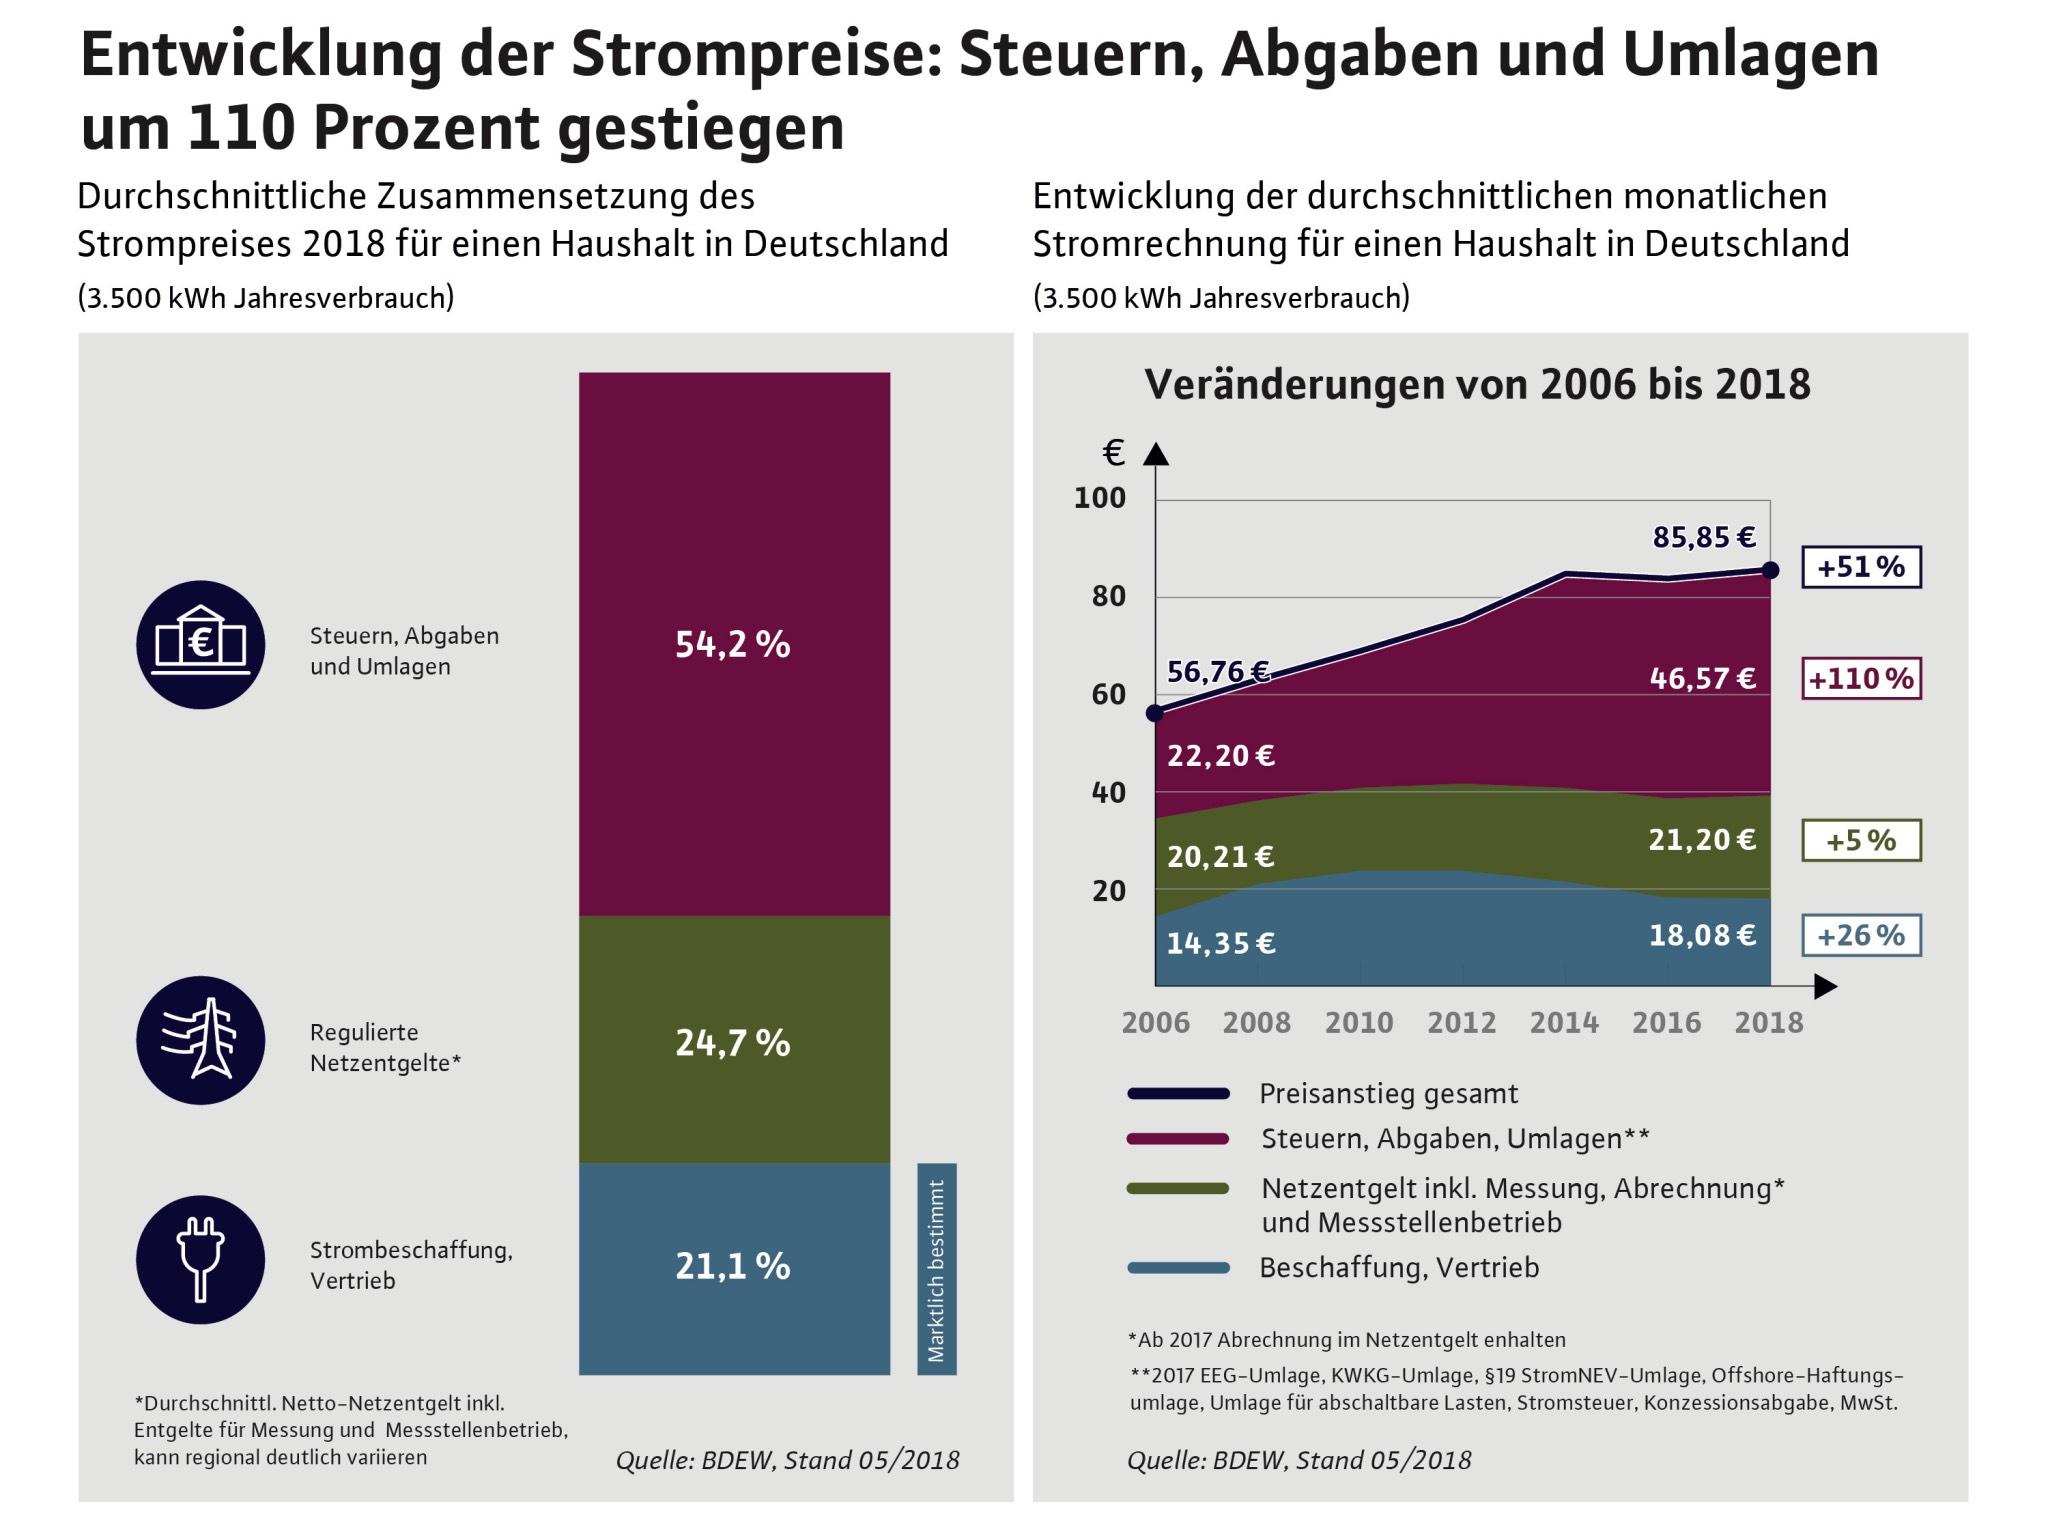 Strompreise & Haushalte. Grafik: Stadtwerke Ansbach